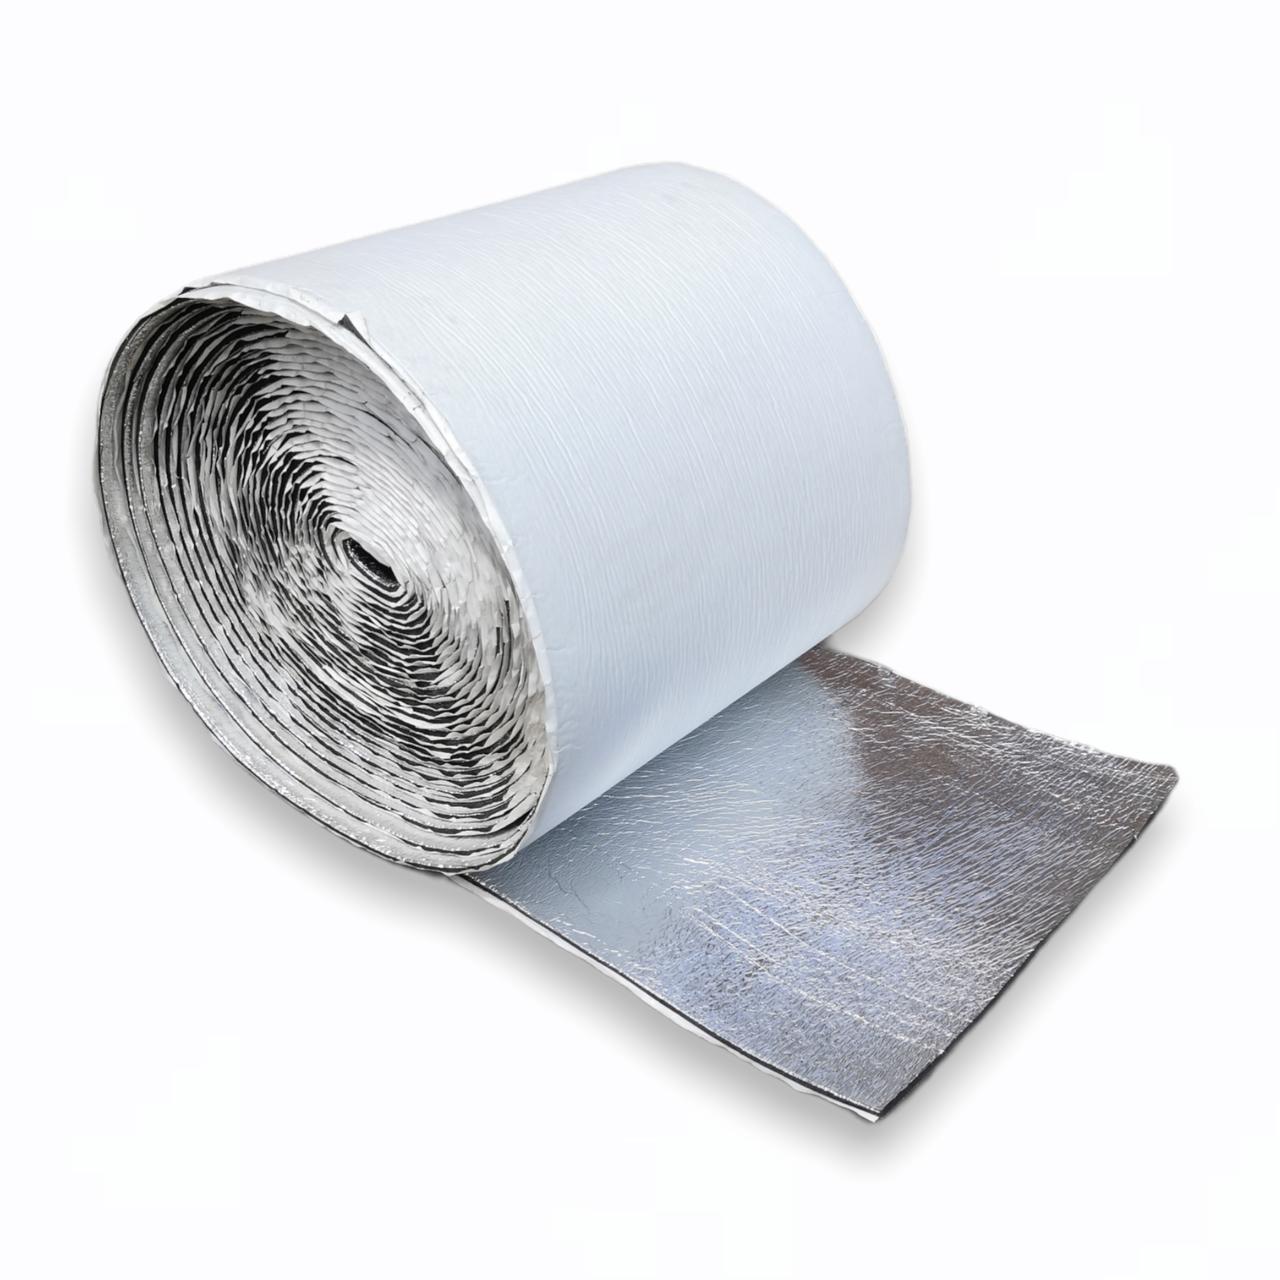 Вспененный каучук самоклеющийся ламинированный пленкой 6 мм